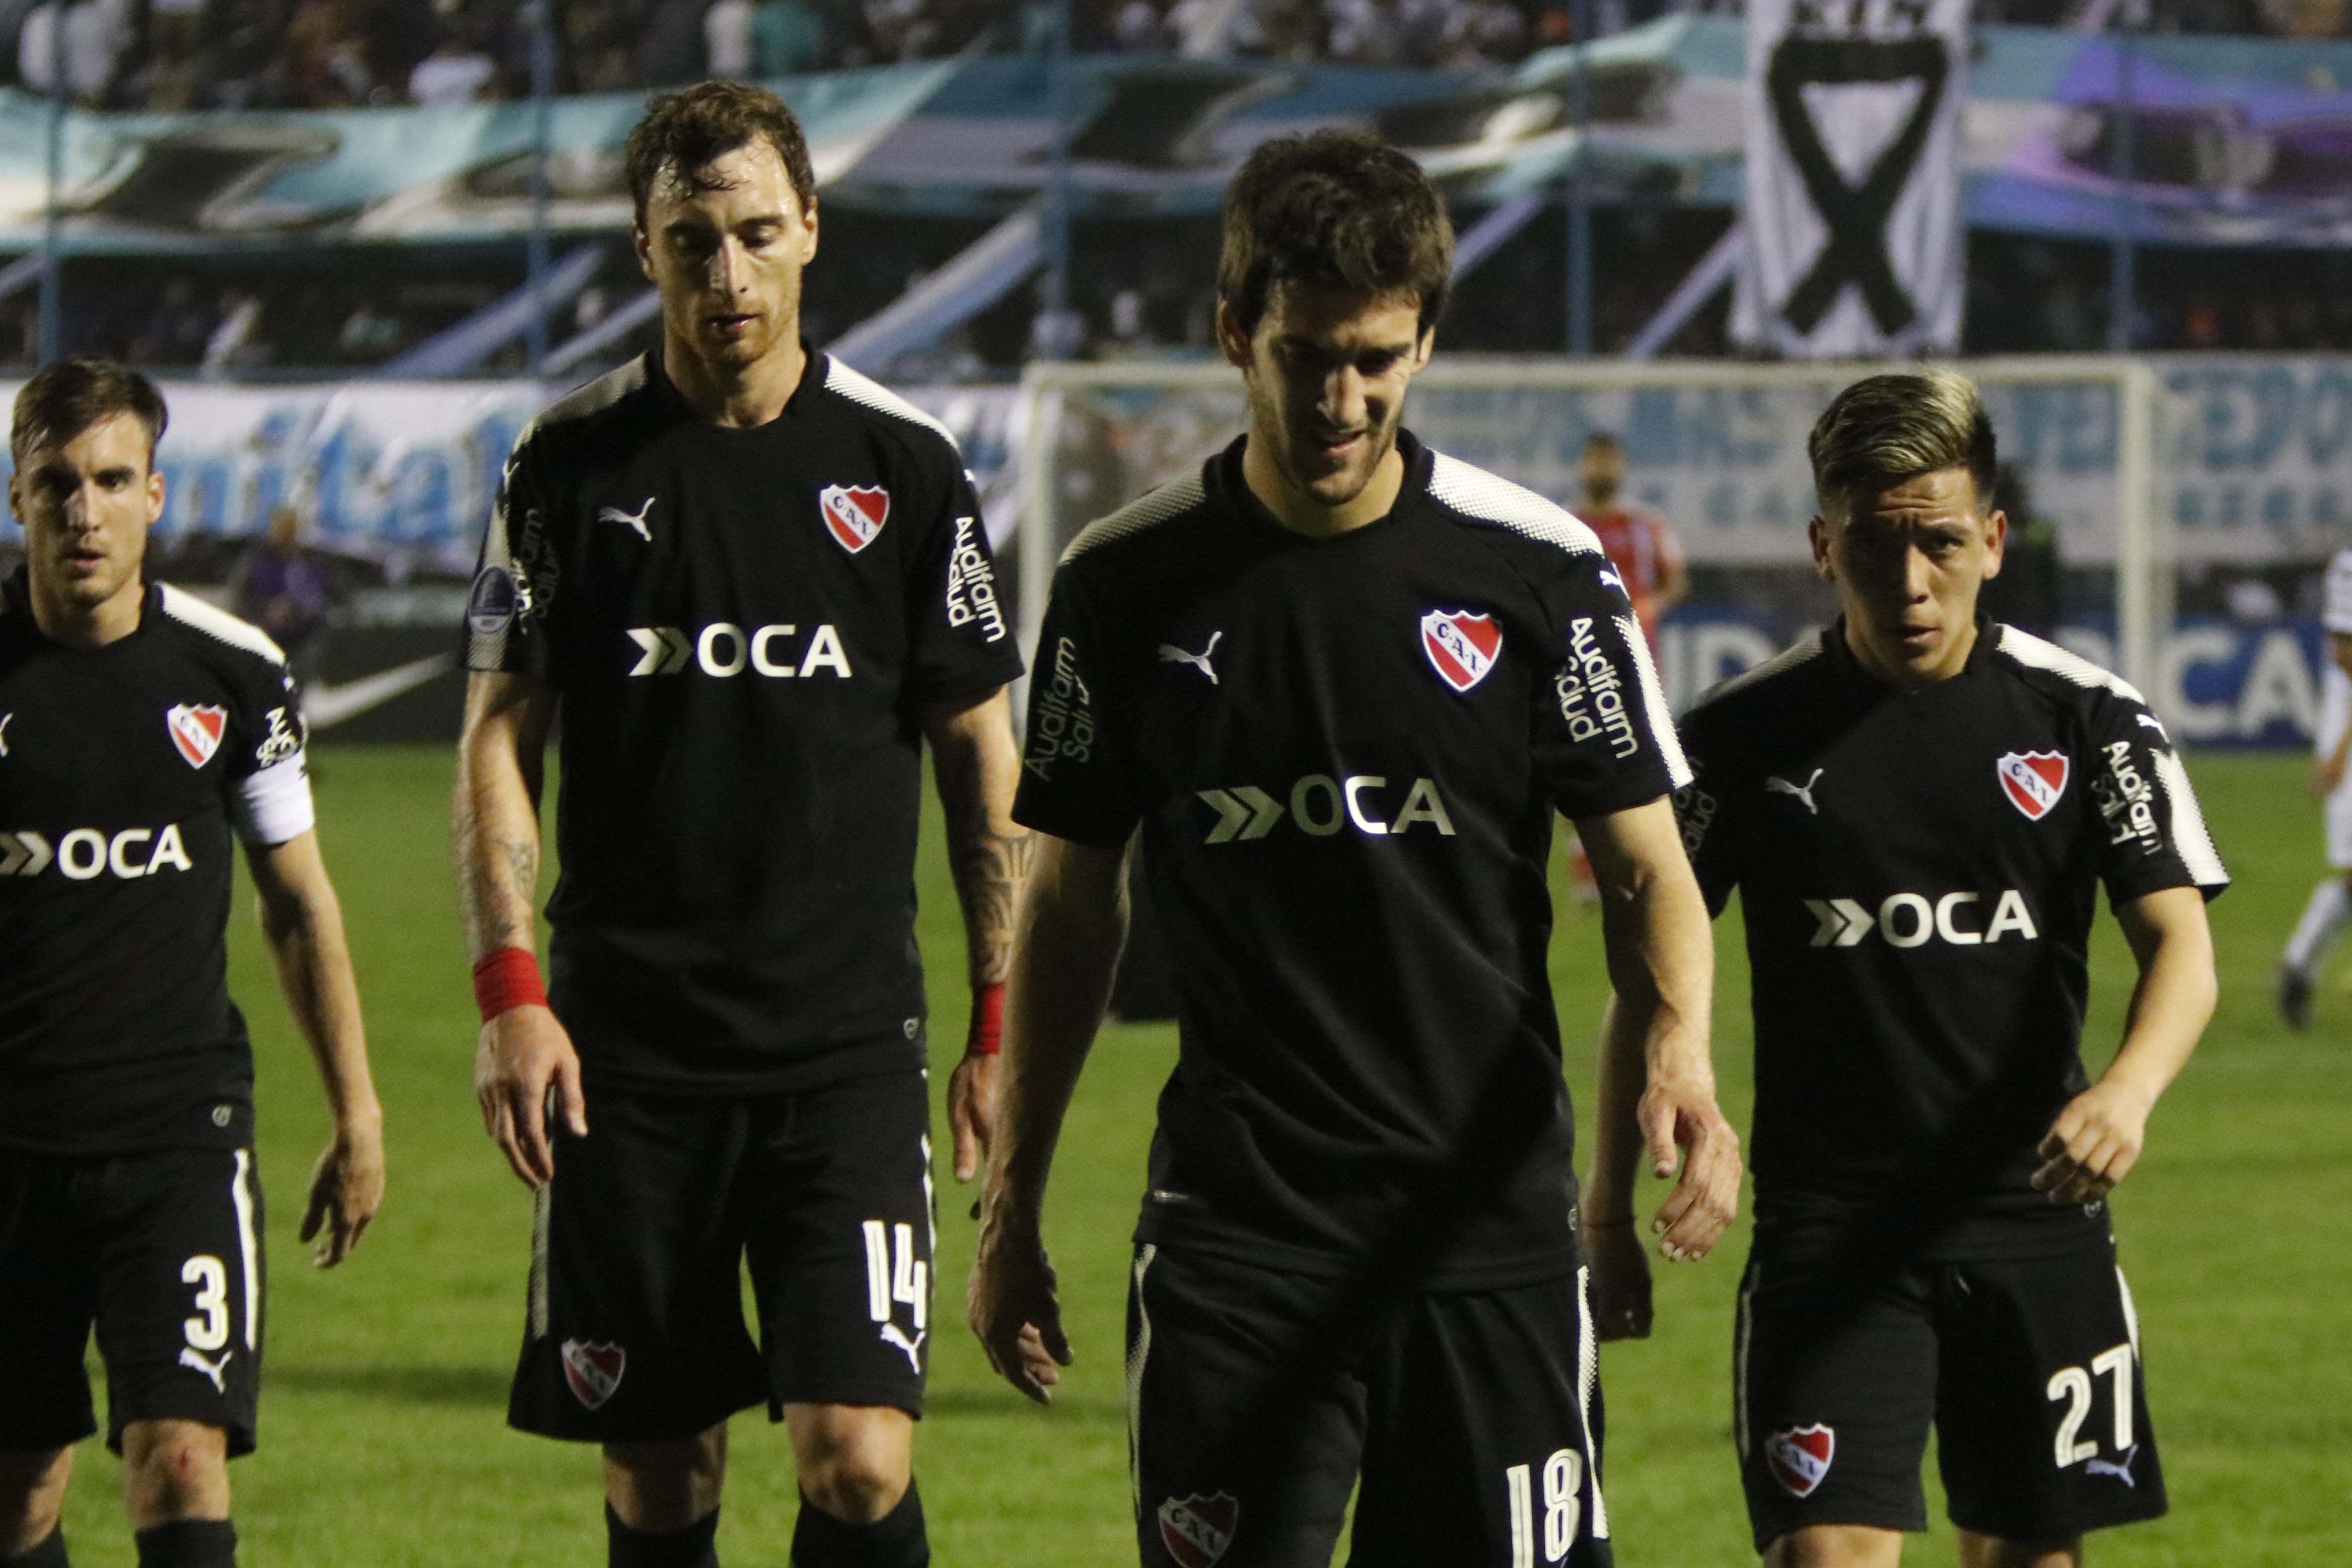 Desazón de los jugadores de Independiente tras su visita a Tucumán